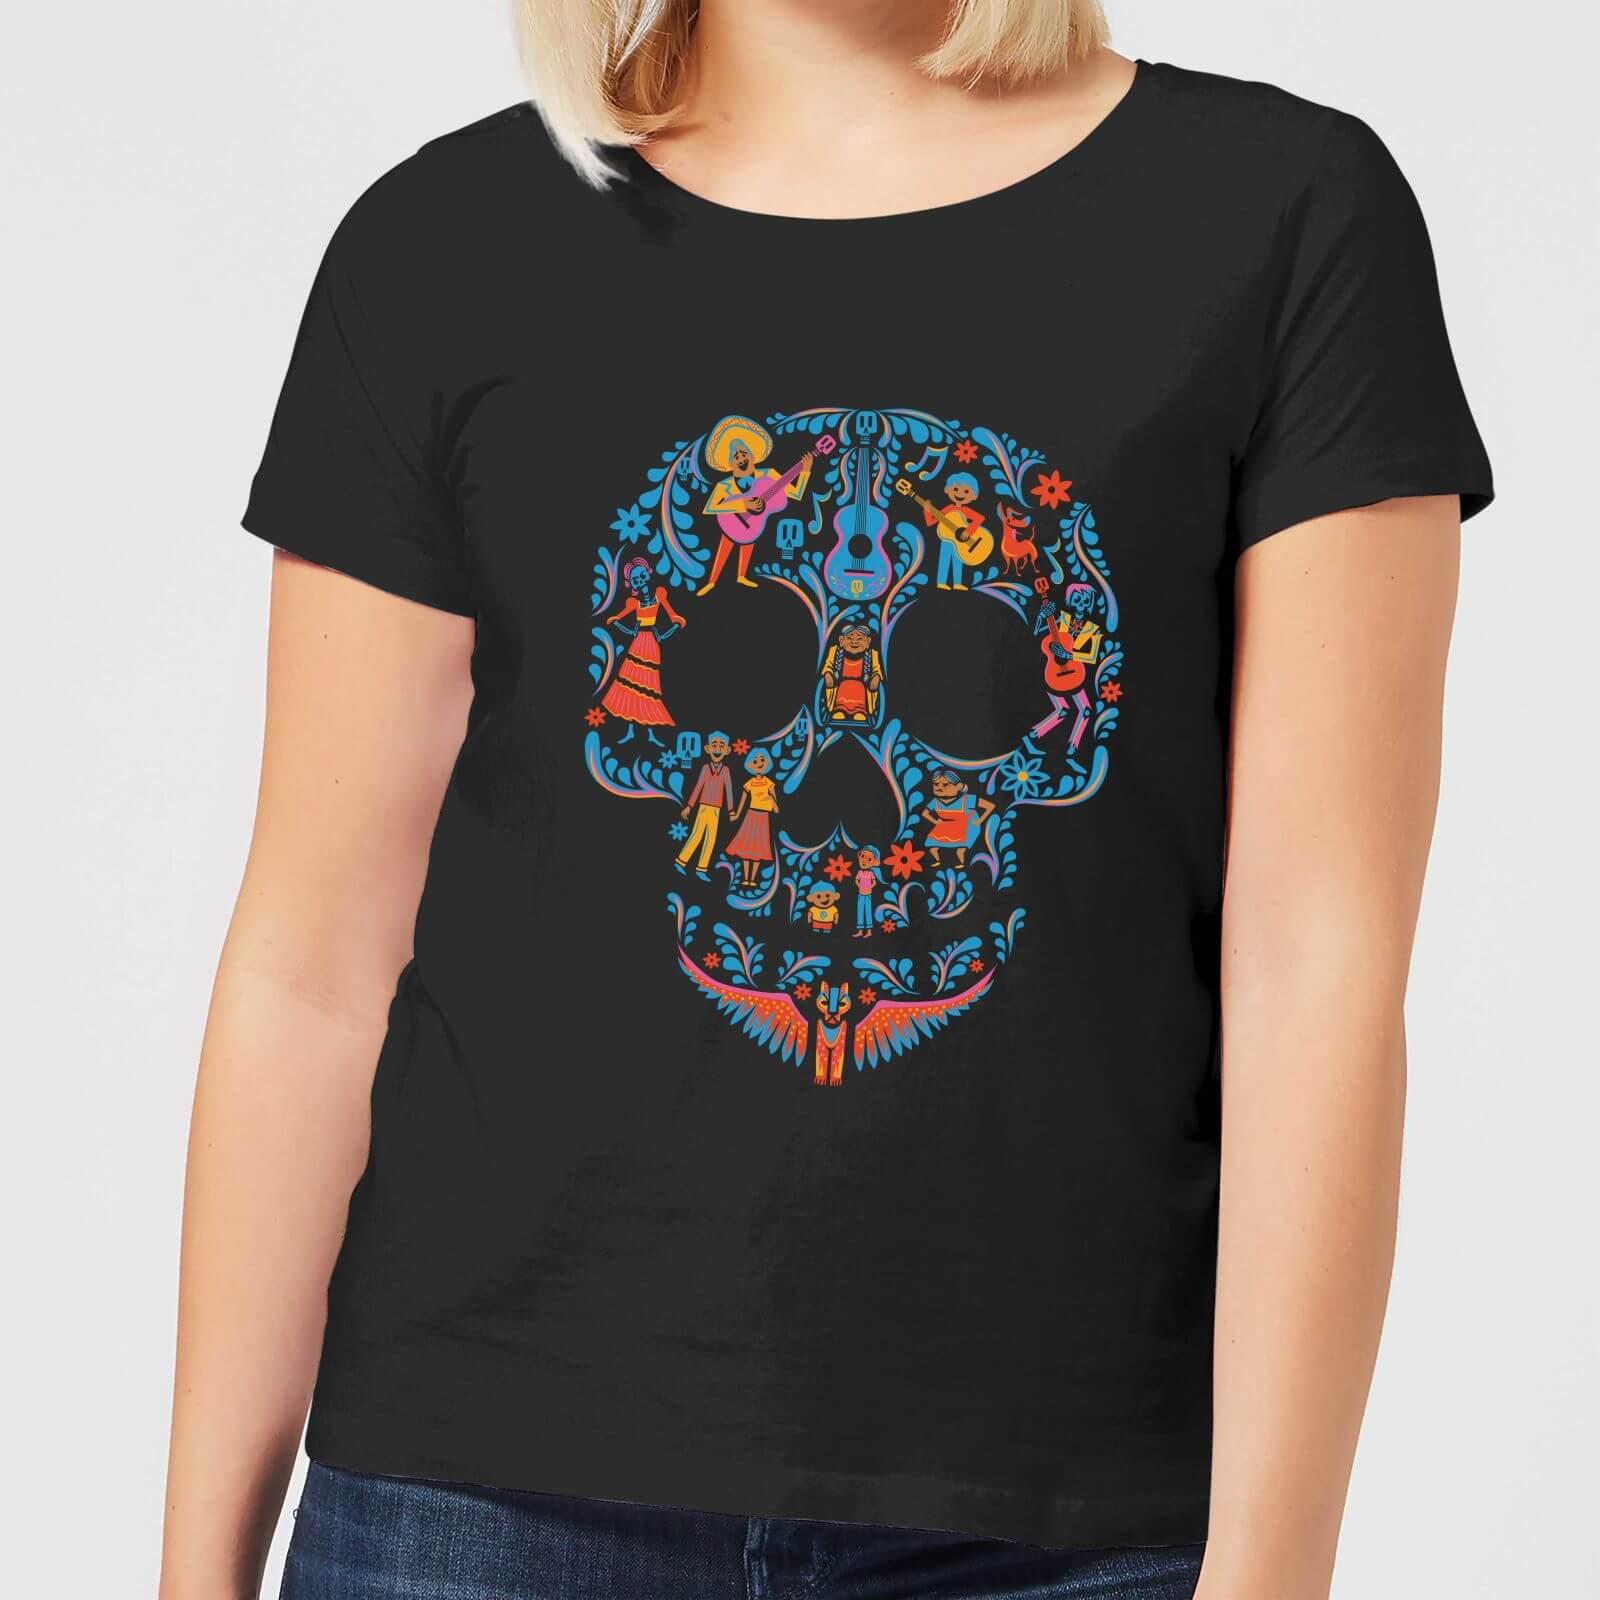 Pixar T-Shirt Femme Motif Tête de Mort Coco - Noir - XL - Noir